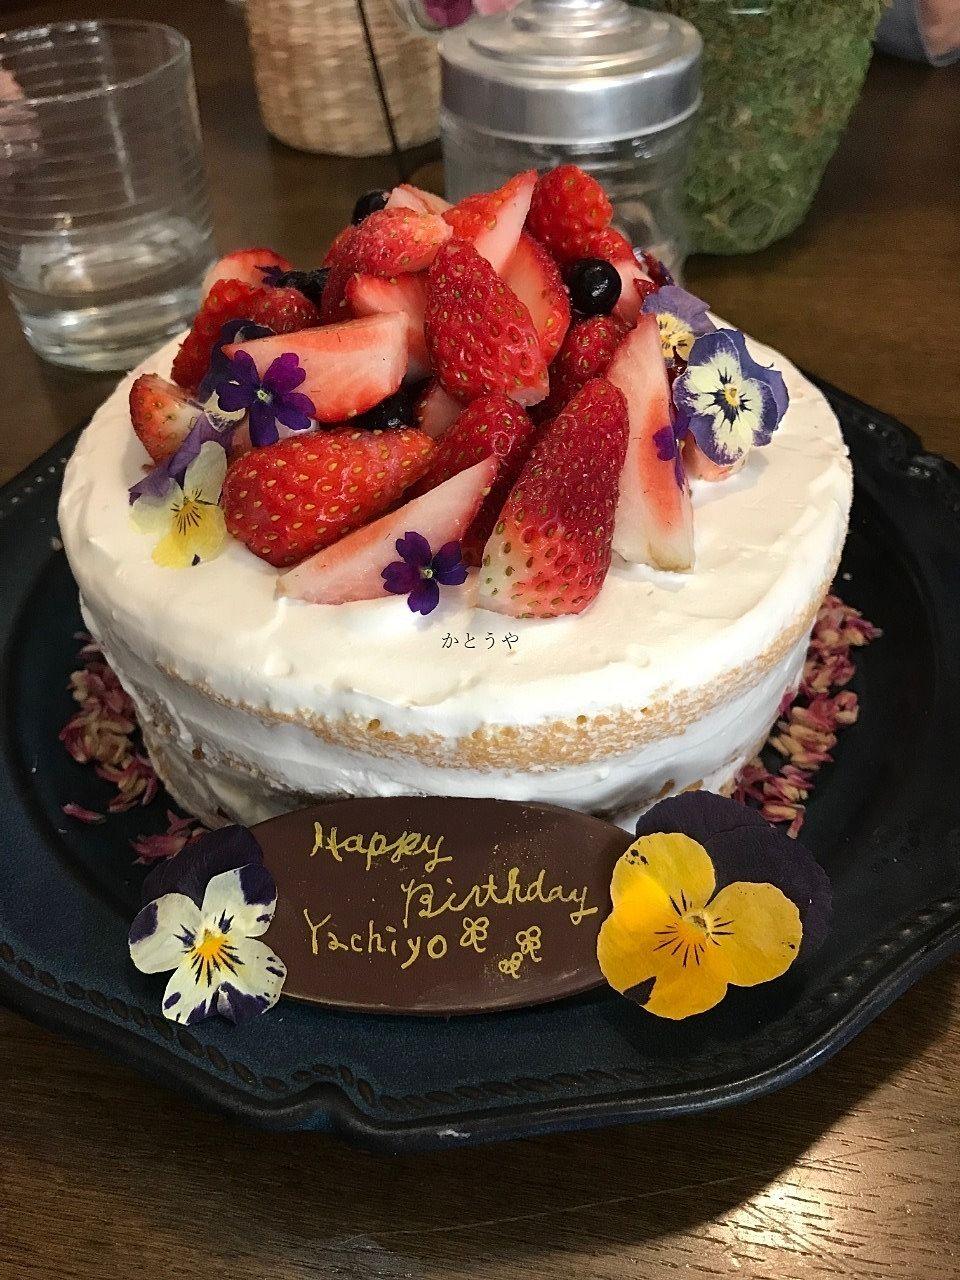 流山市平和台駅前のFlowercafeひまつぶしさんでお誕生日ケーキを用意して下さいました!